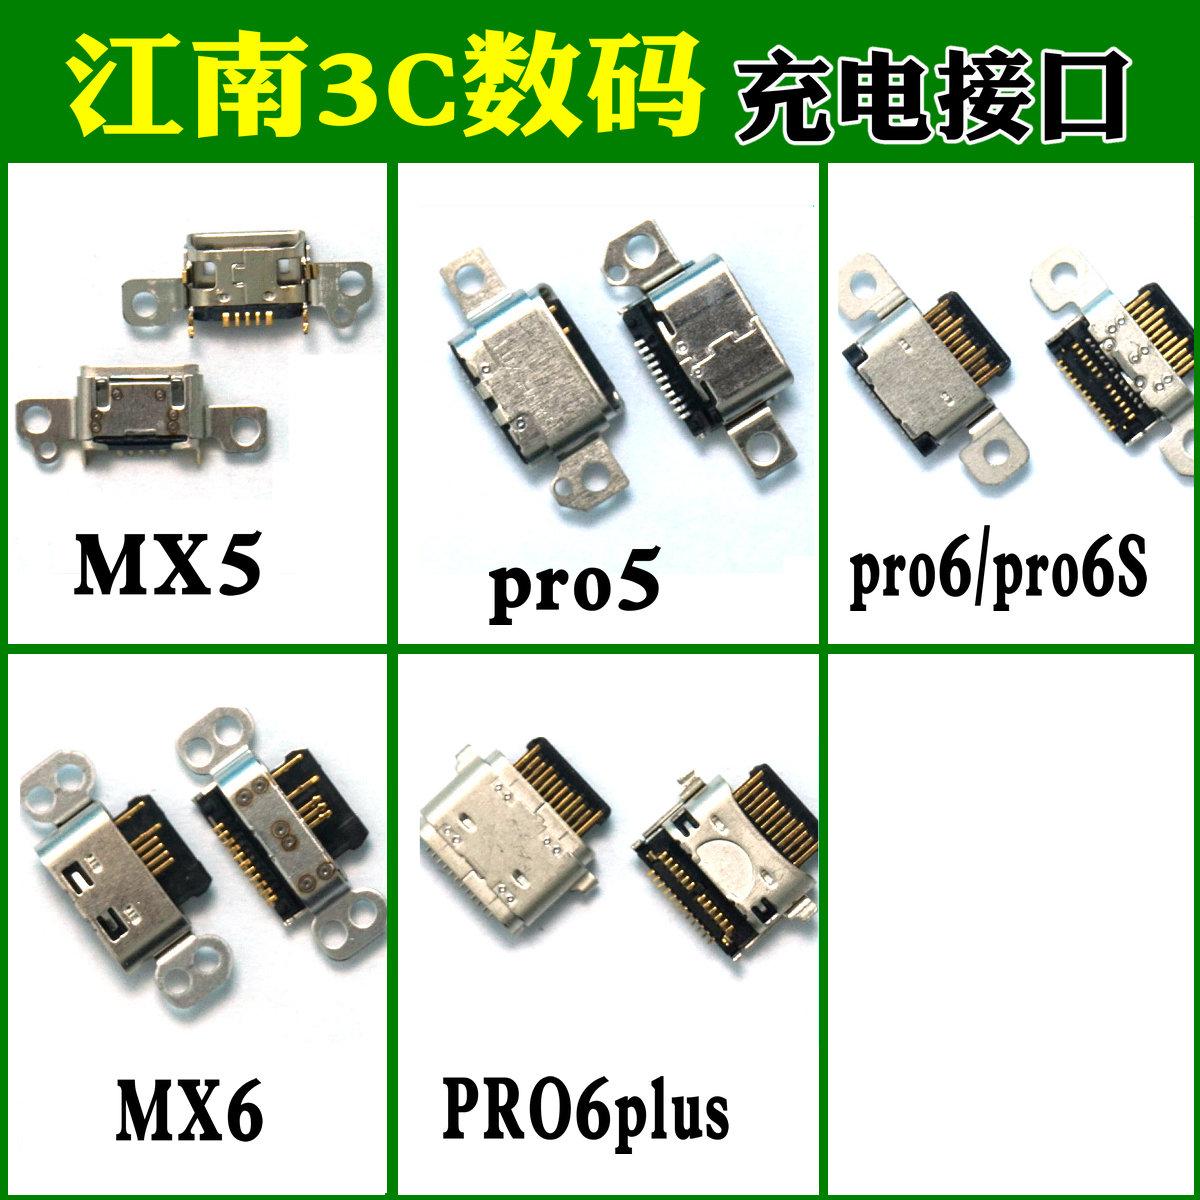 手机尾插 适用于魅族MX5 PRO6 MX6 PRO6plus pro5尾插 MX5pro USB